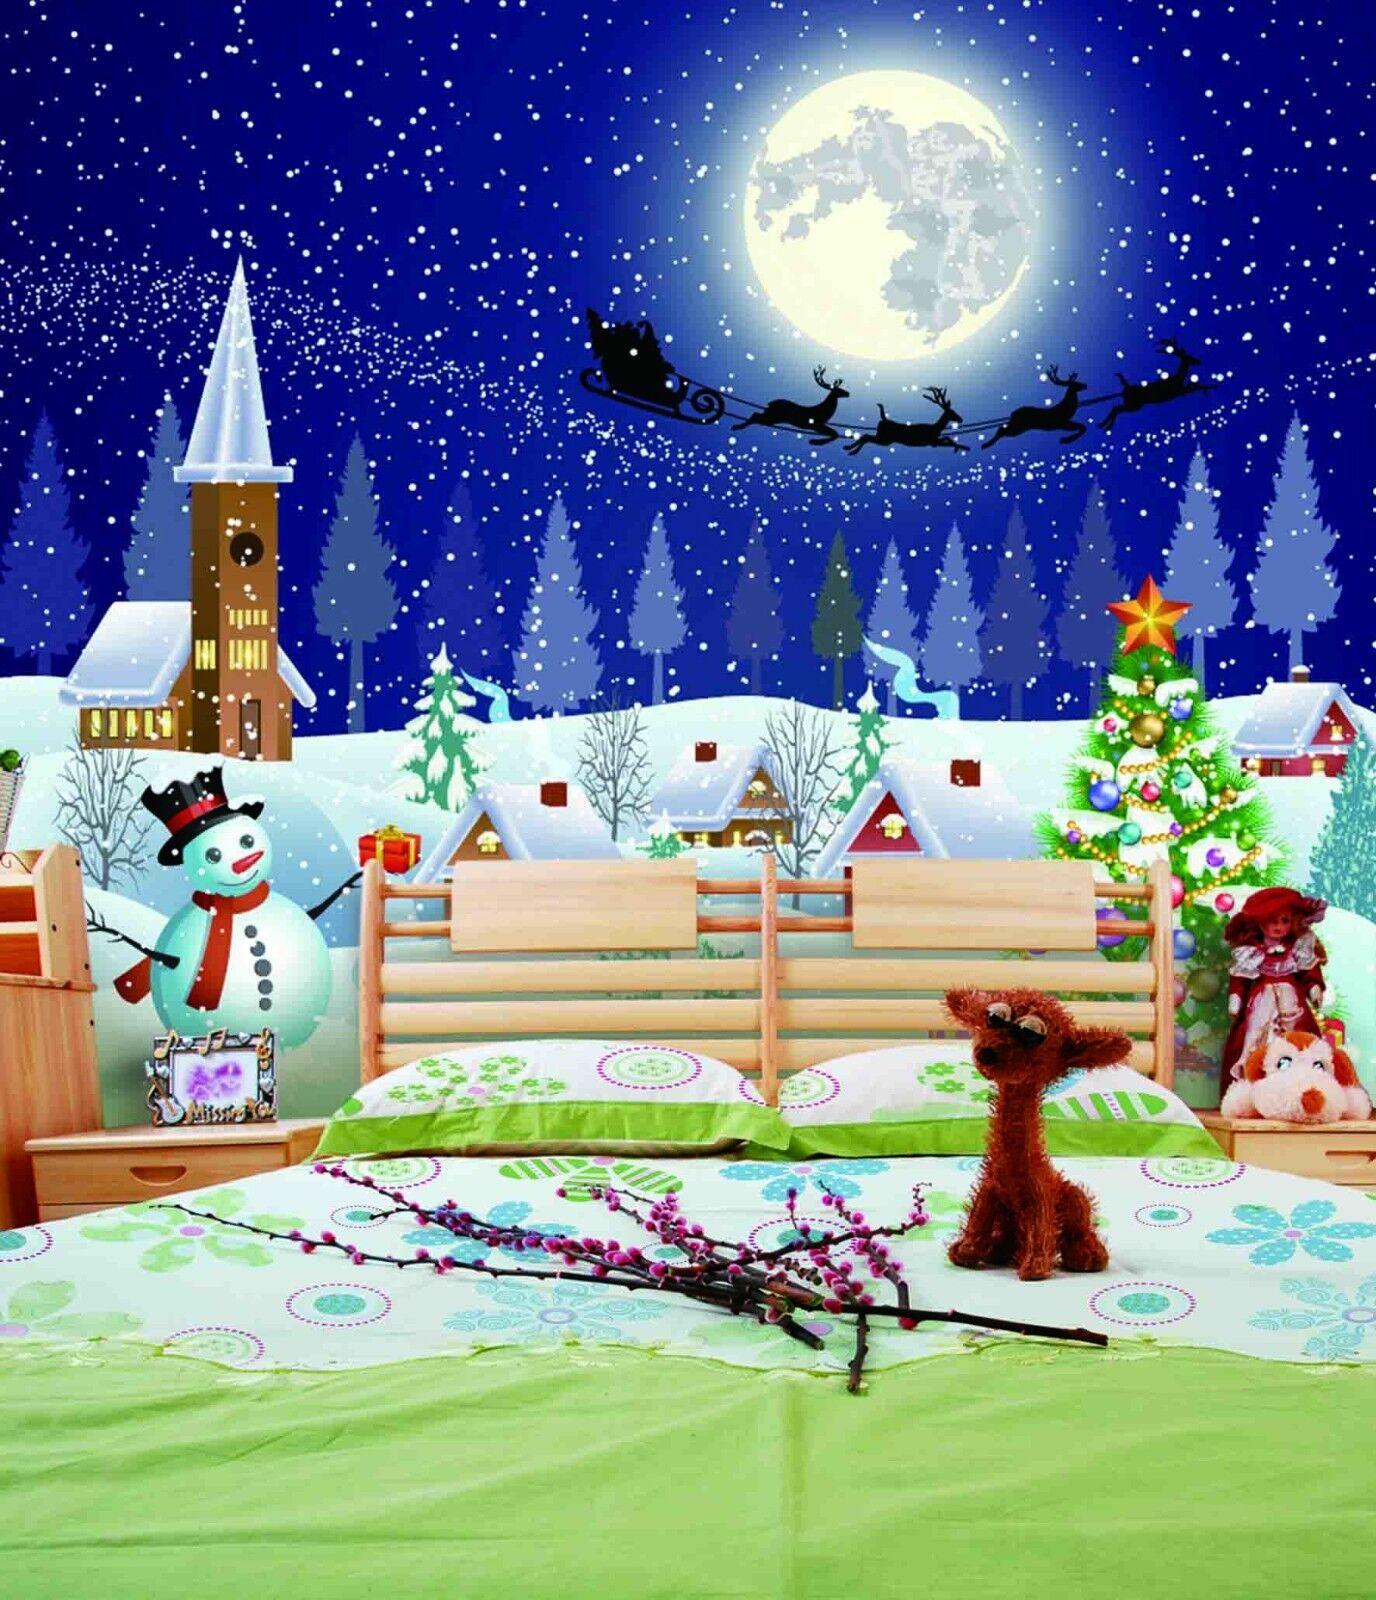 3D Schneemann Weihnachten 75 75 75 Tapete Wandgemälde Tapete Tapeten Bild Familie DE   Berühmter Laden    Attraktive Mode    Erste Qualität  6fdc6a